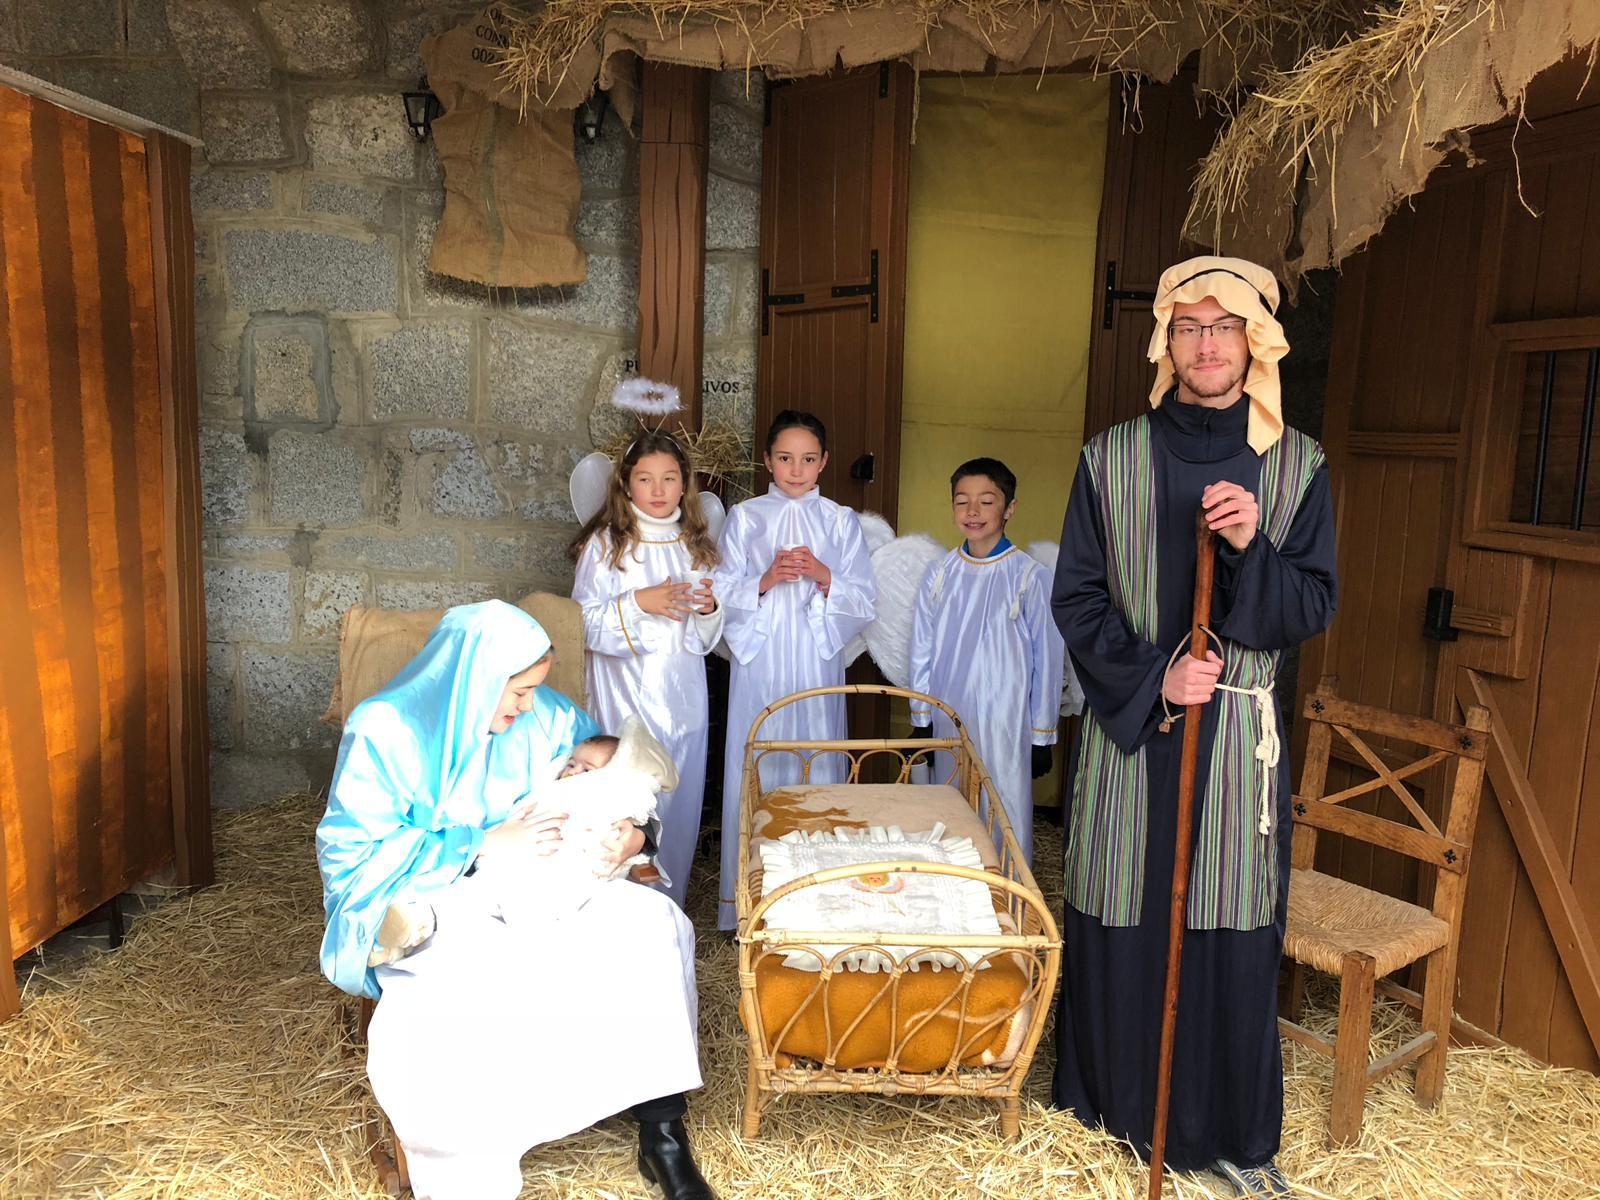 Imagen de la noticia Belén y conciertos navideños para el fin de semana